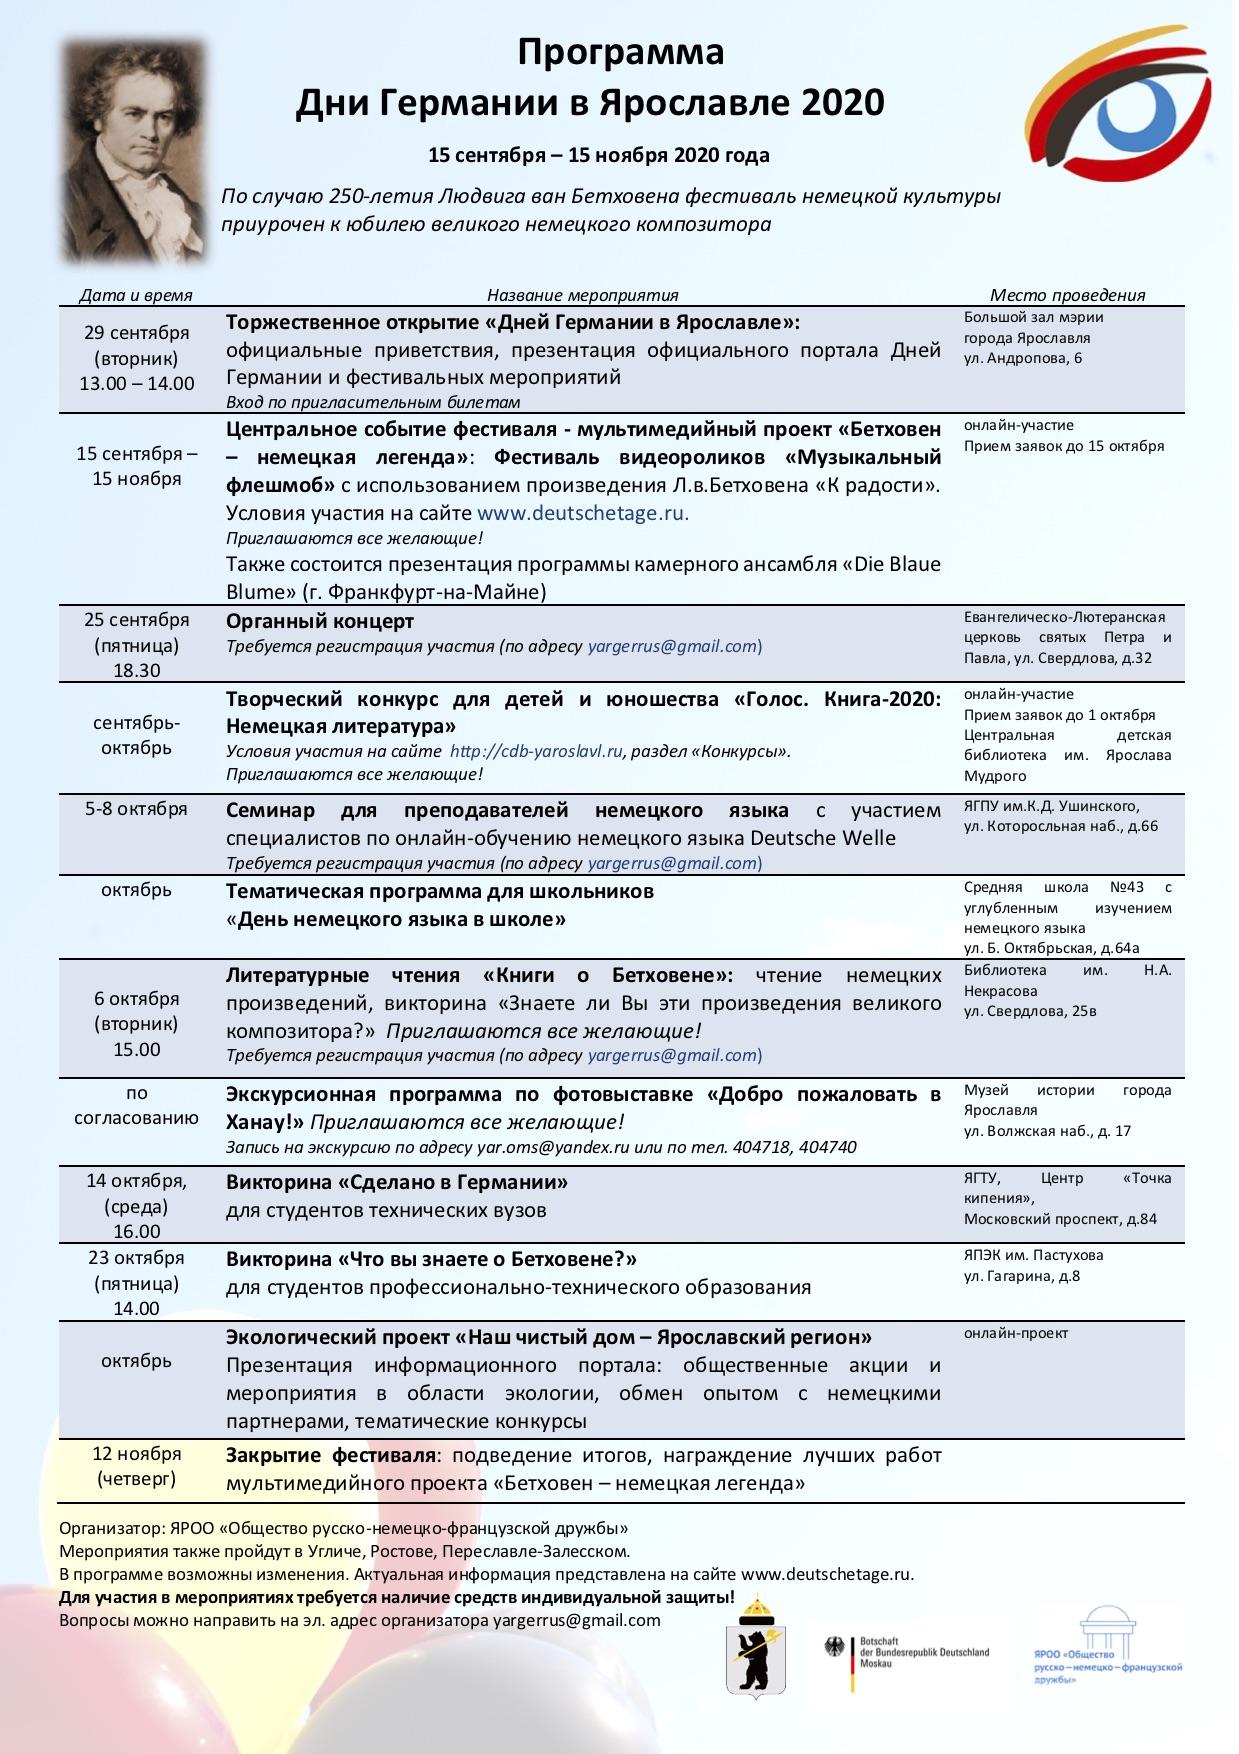 Programm in Jaroslawl